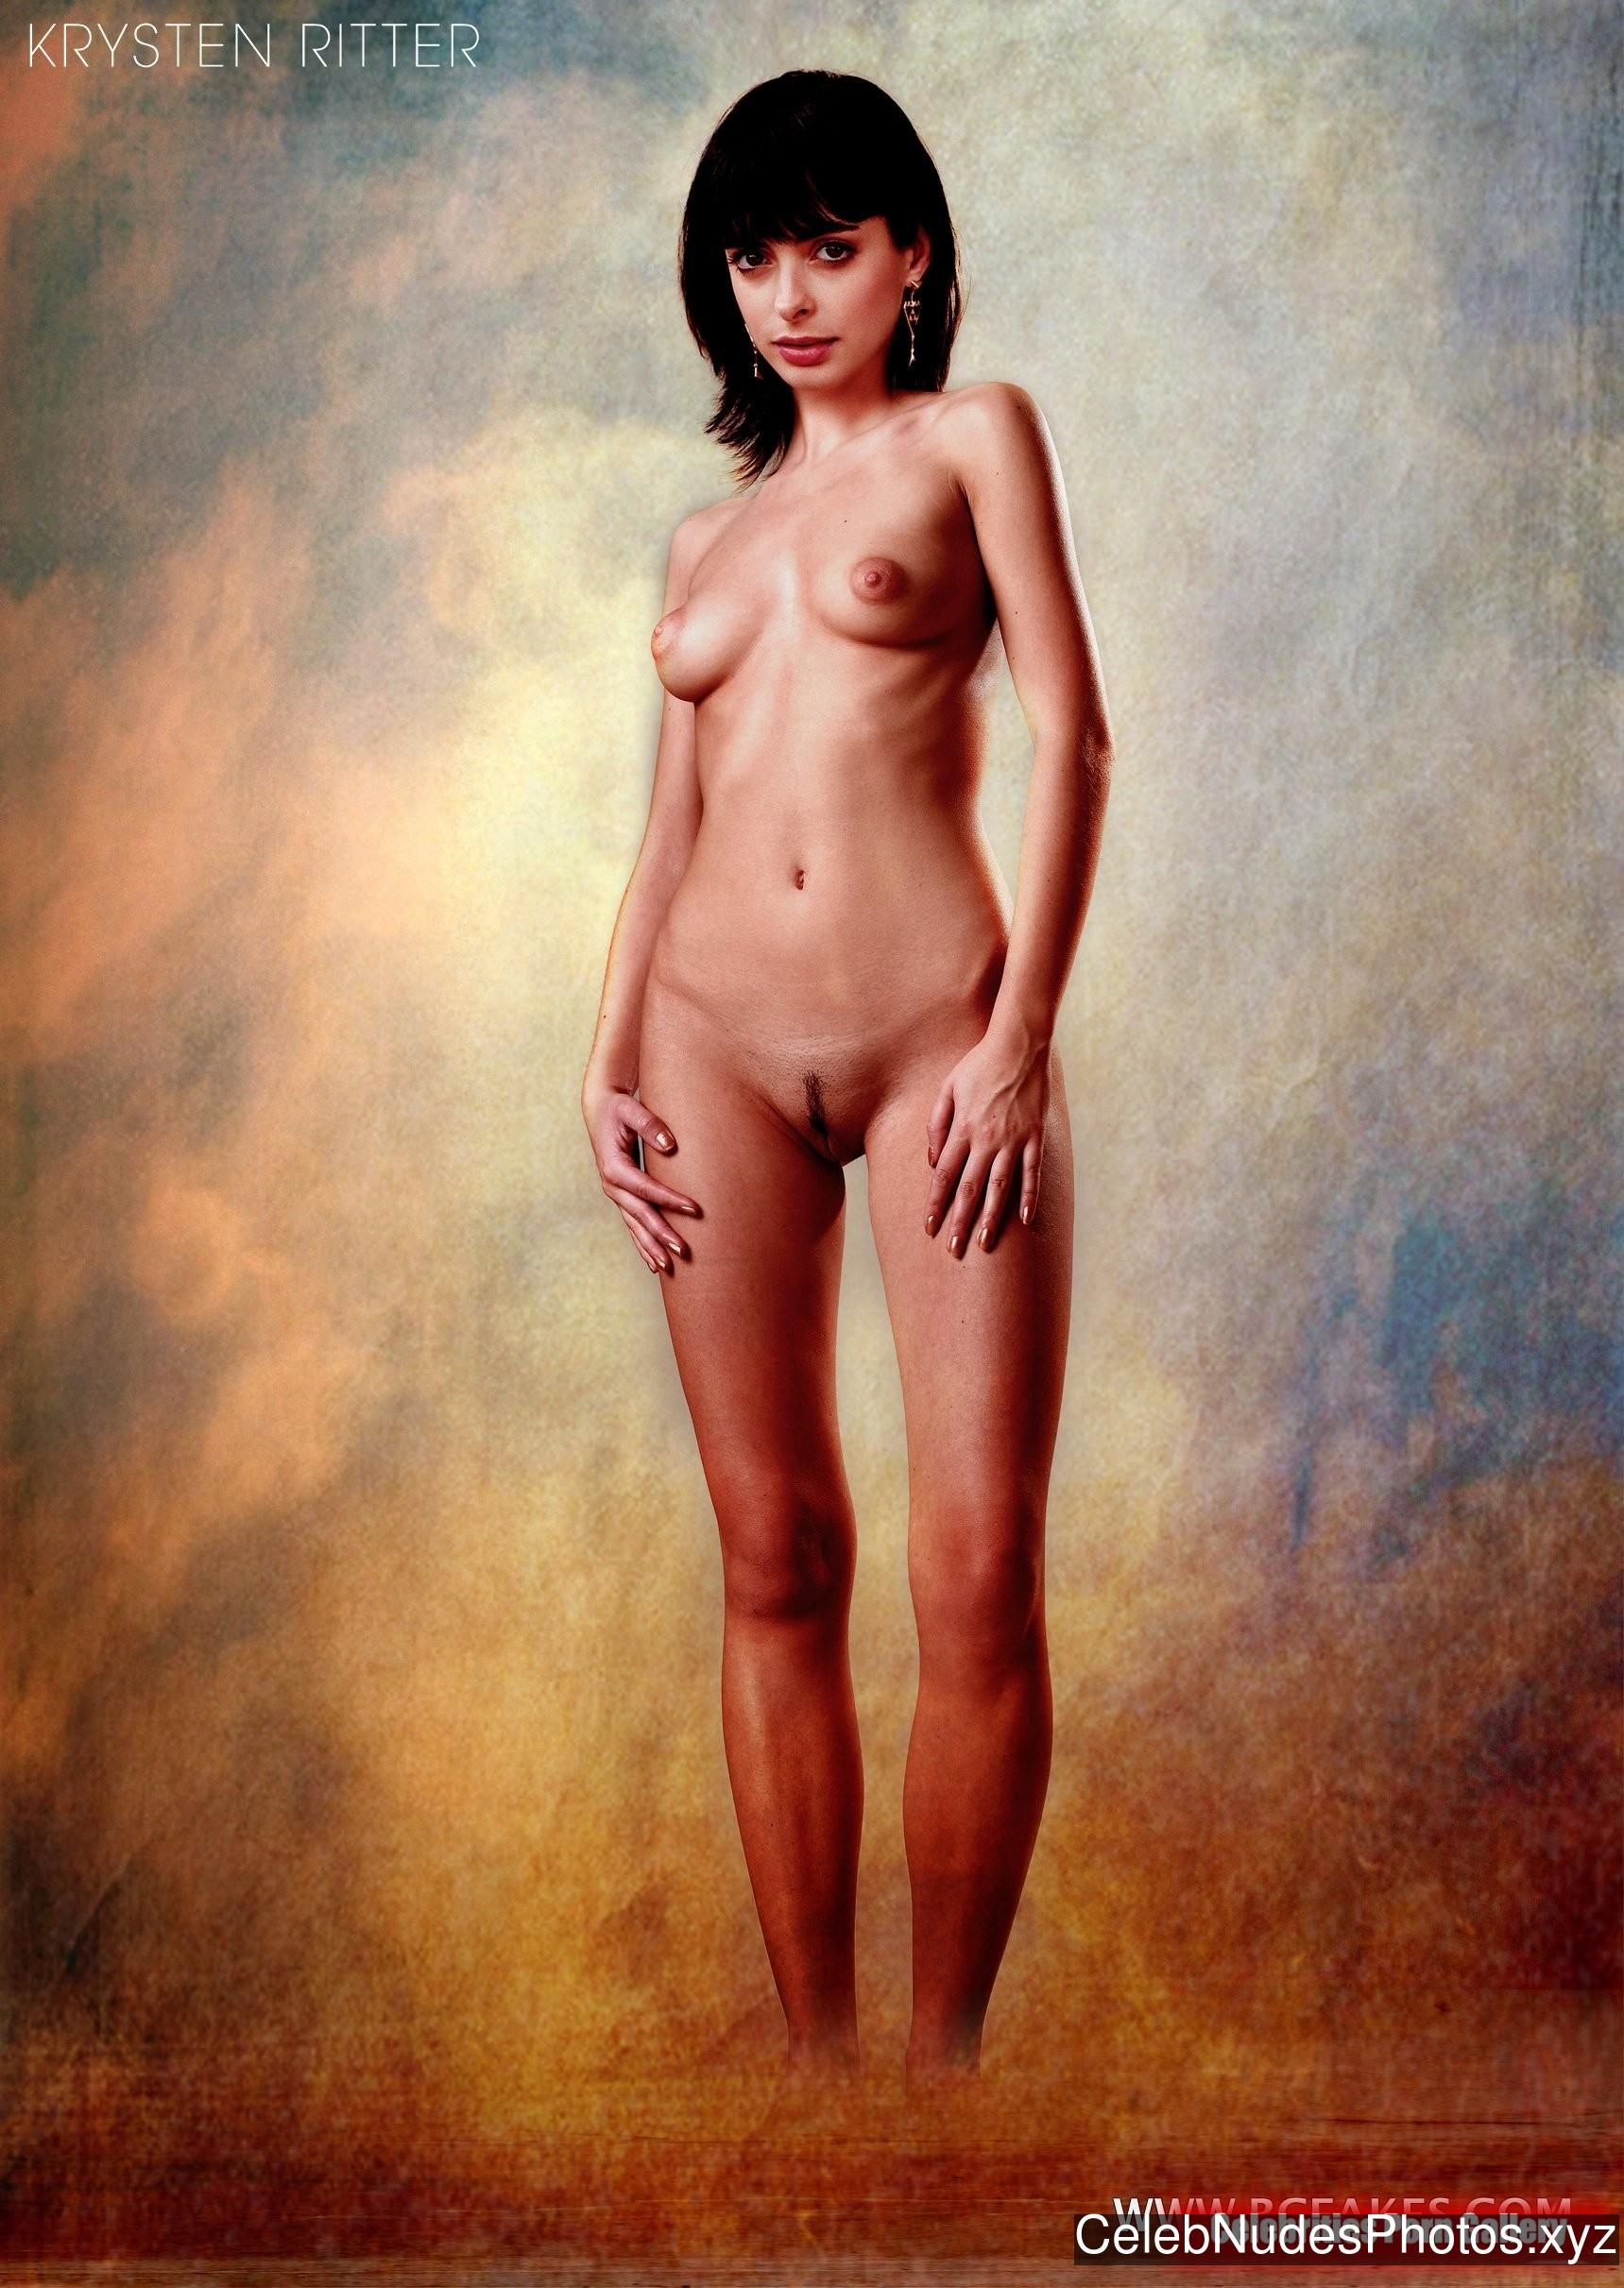 Krysten Ritter Celeb Nude sexy 24